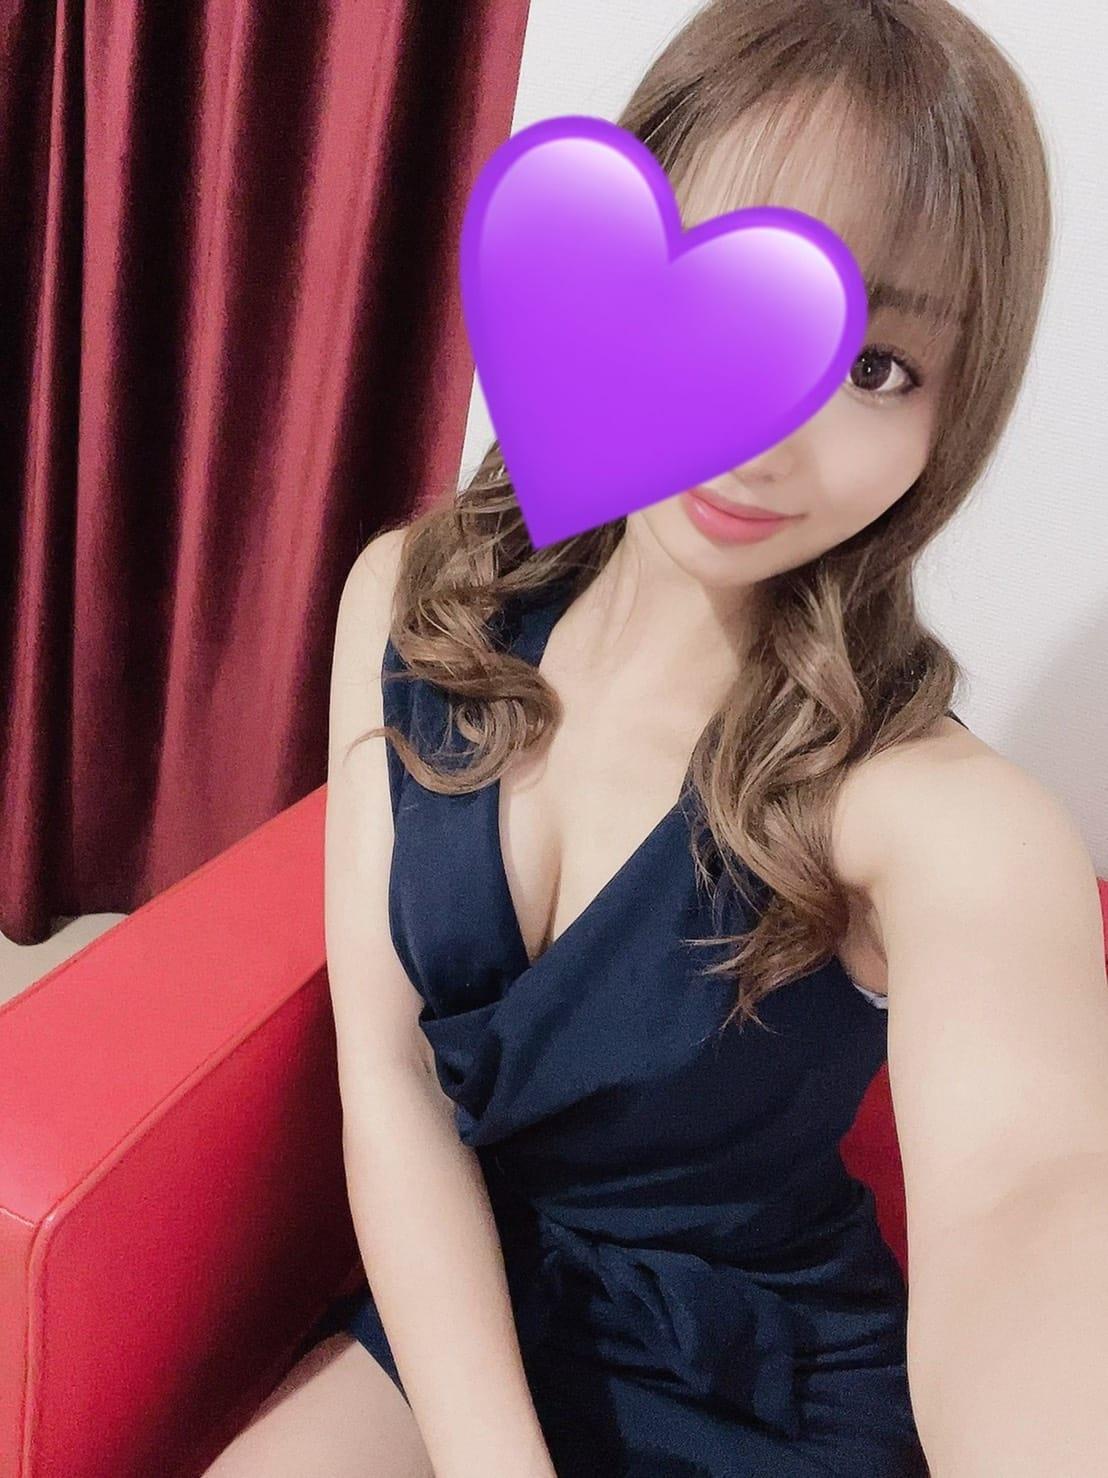 「こんにちは♡」04/12(月) 17:28   綾瀬 みなの写メ日記